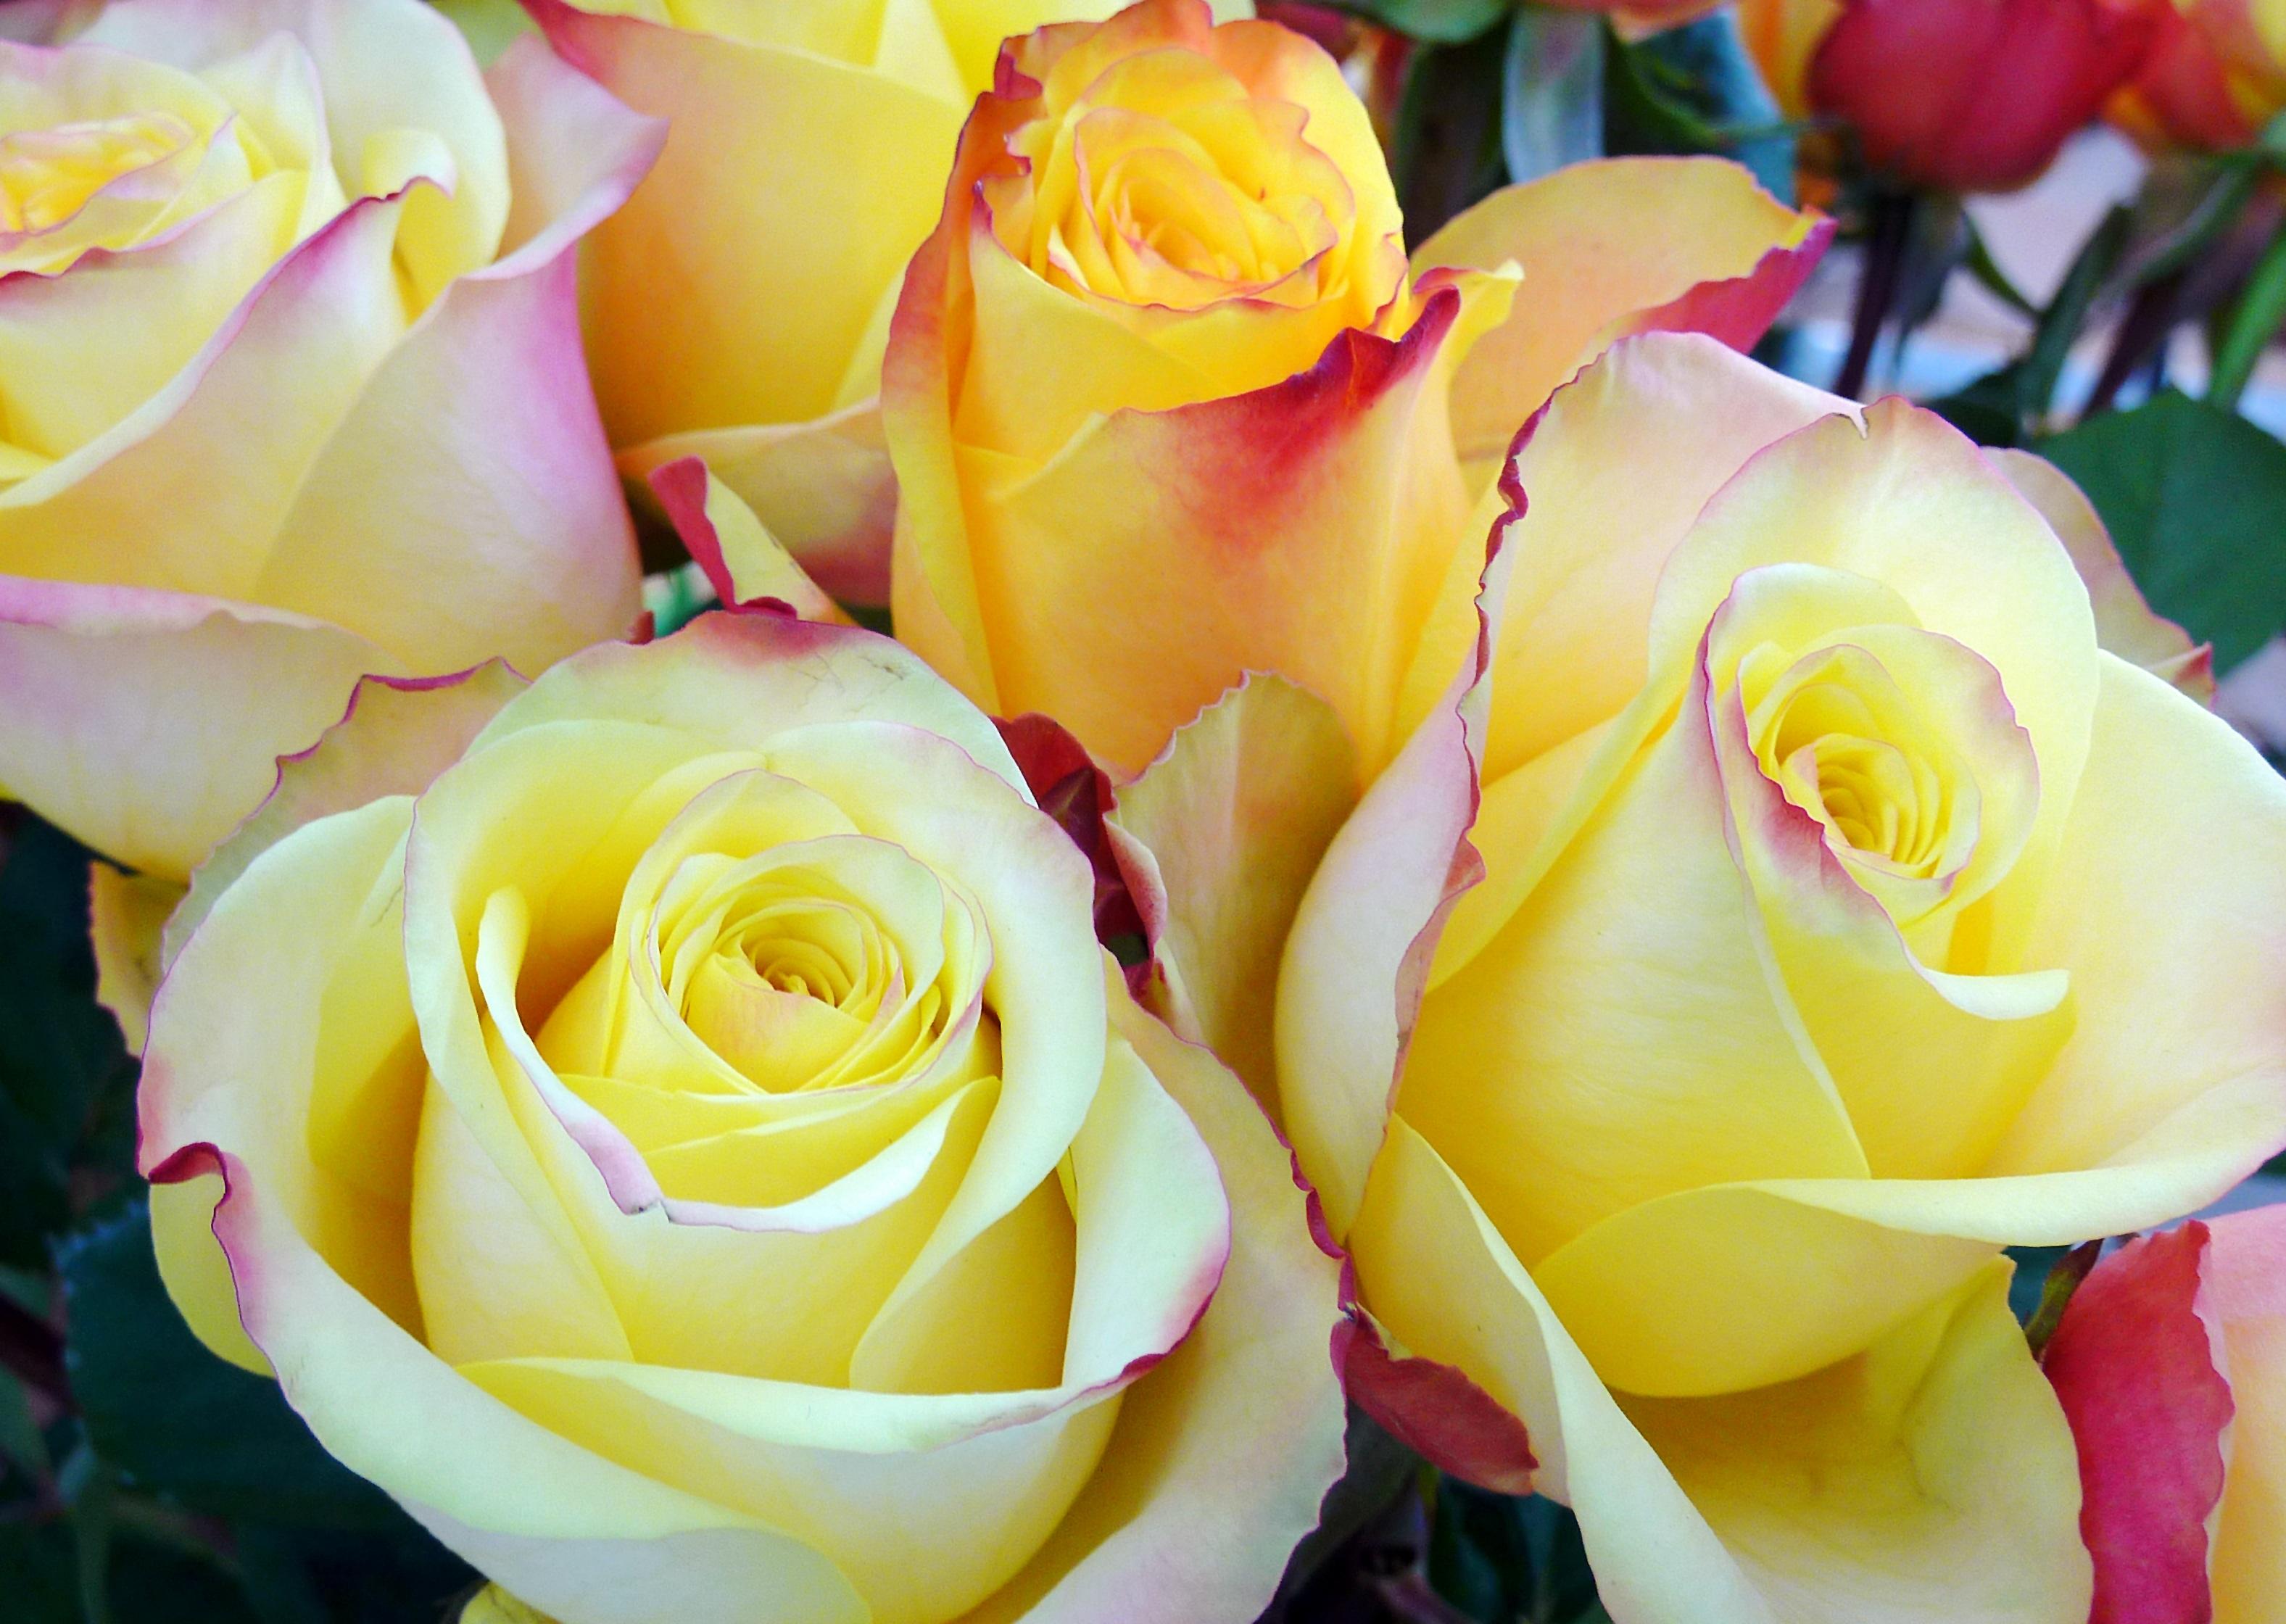 Fotos Gratis Naturaleza Flor Petalo Amor Corazon Regalo Rosa